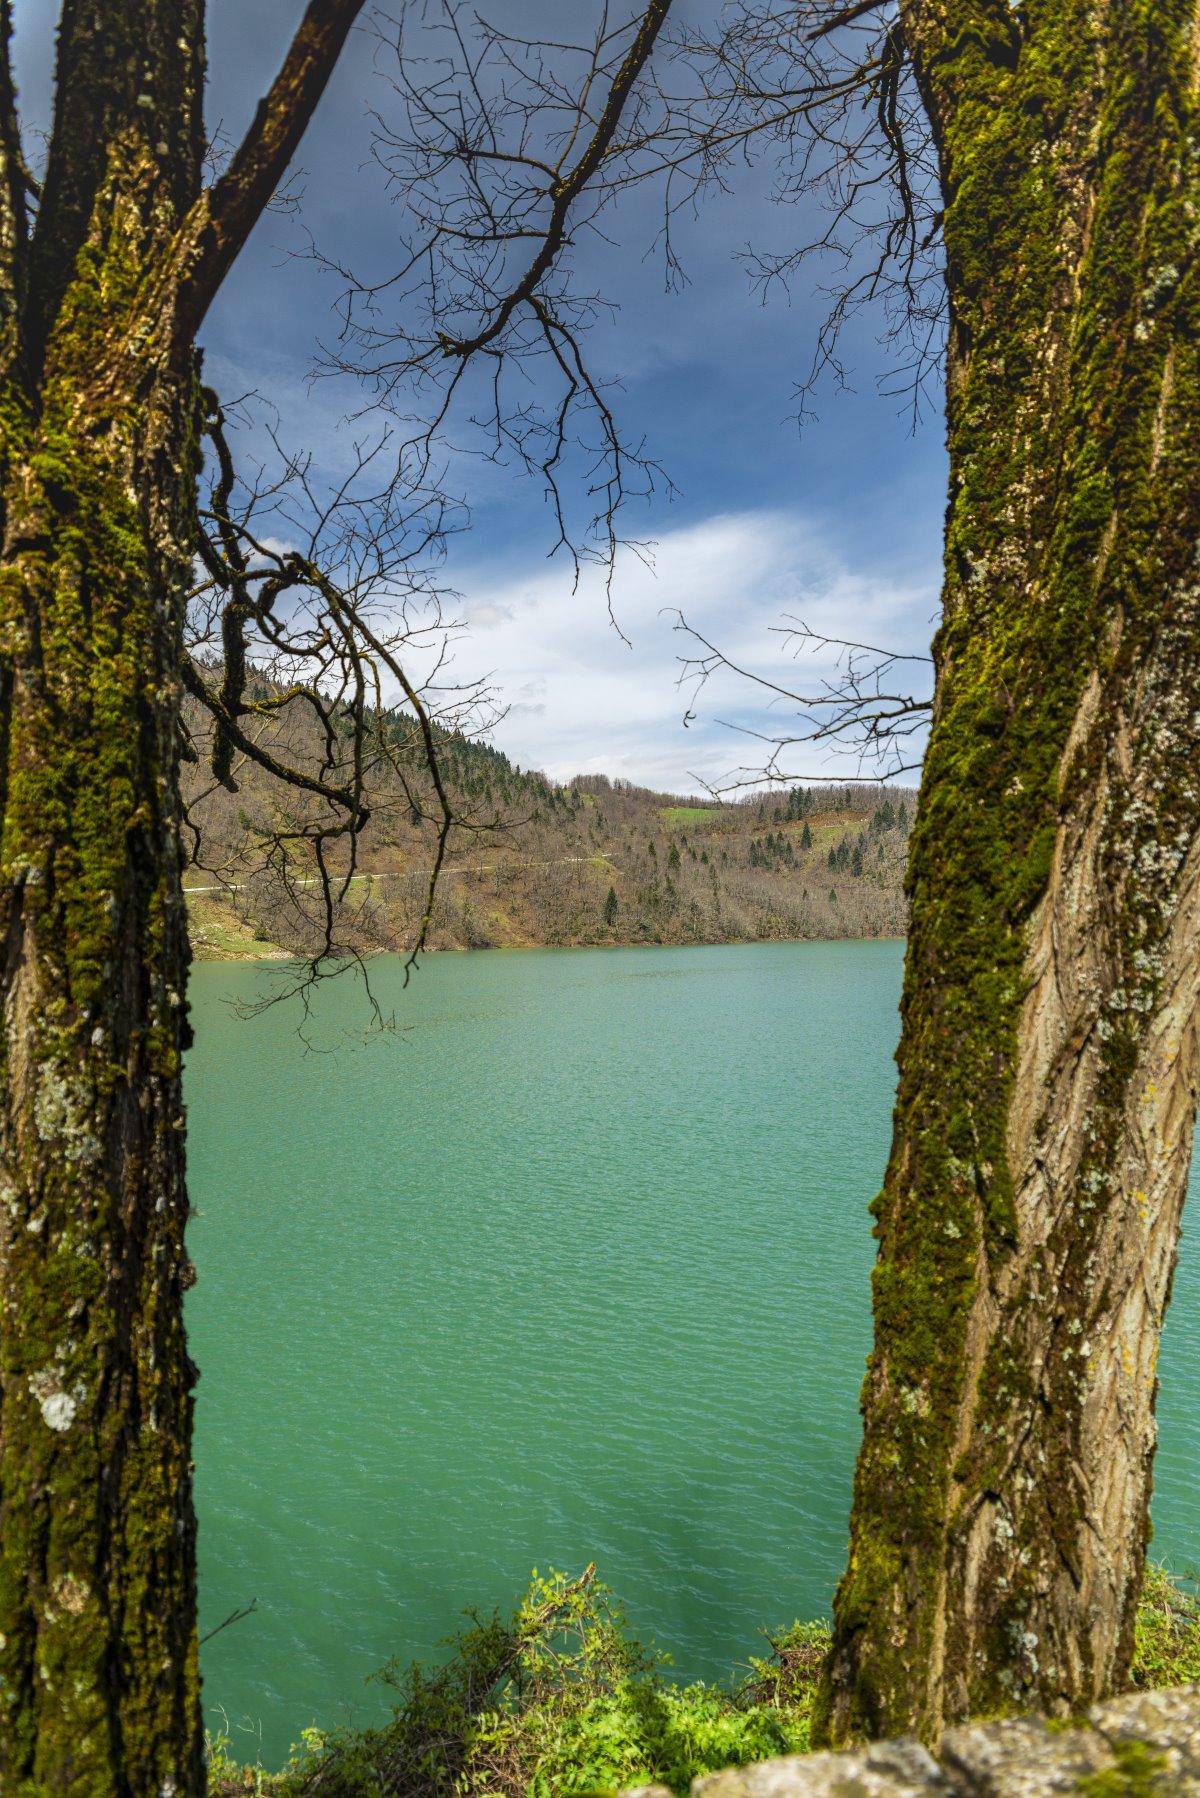 Η θέα στη Λίμνη Πλαστήρα